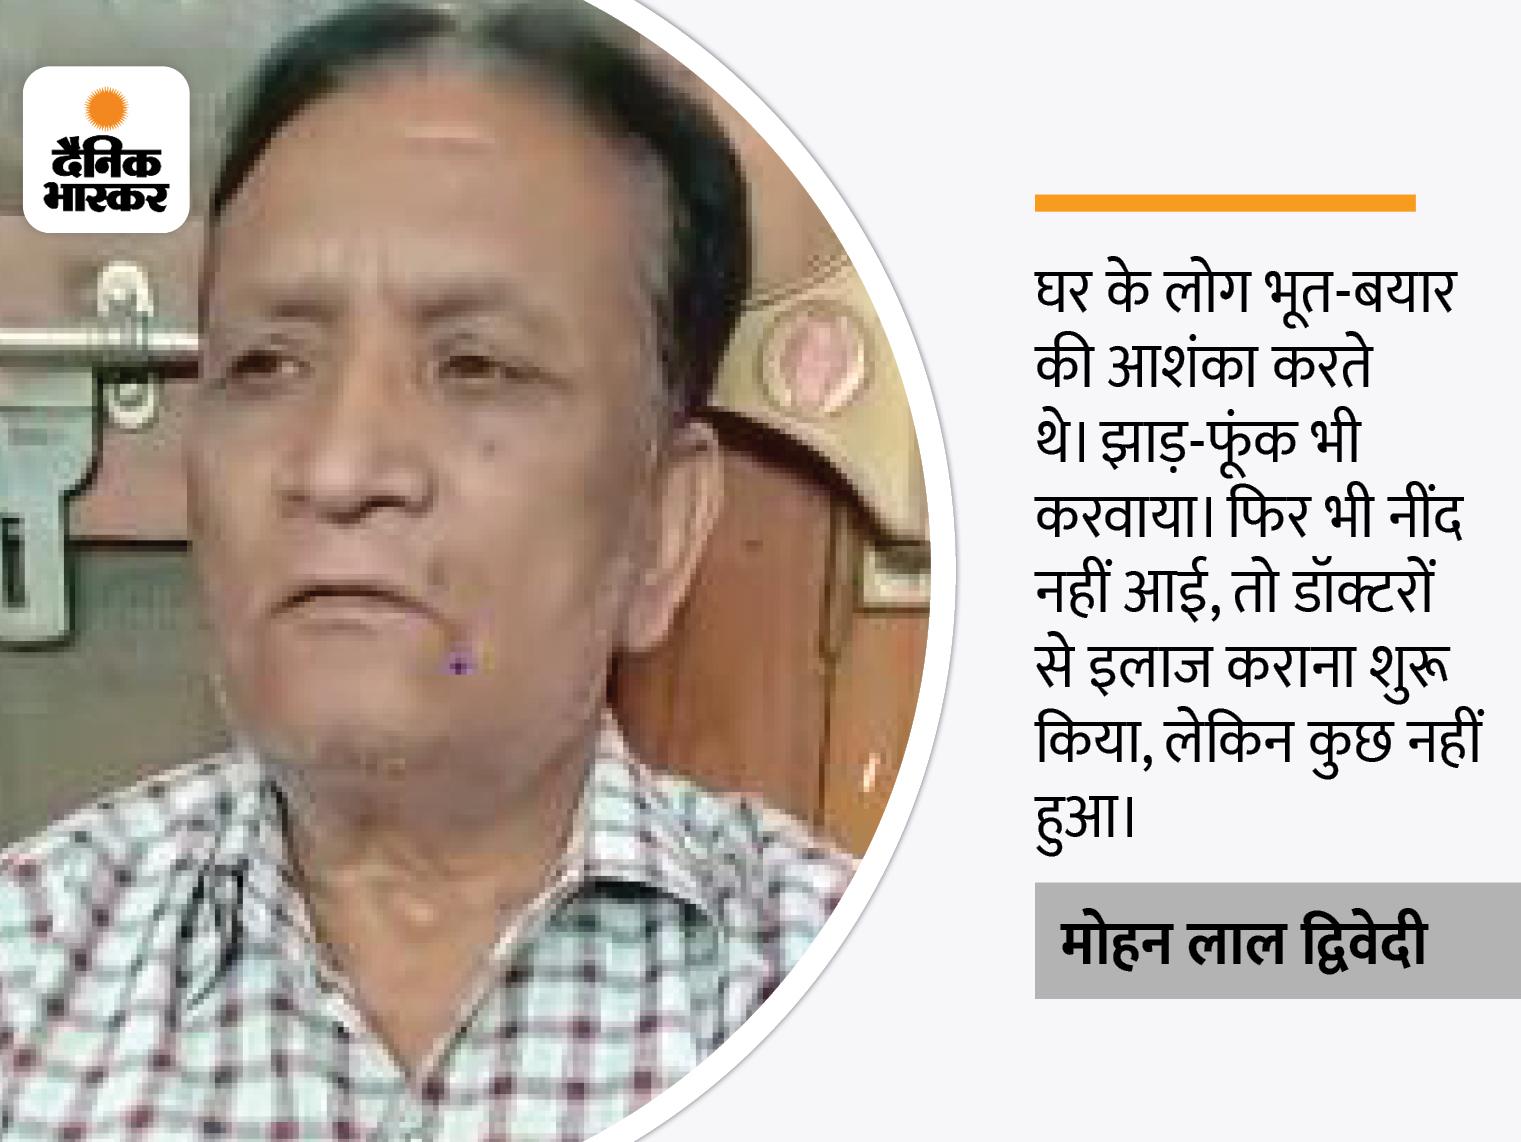 रीवा के 71 साल के मोहनलाल कहते हैं- 1973 में व्याख्याता बना तभी से उड़ गई नींद, दिल्ली-मुंबई तक इलाज कराया, सब हैरान|रीवा,Rewa - Dainik Bhaskar